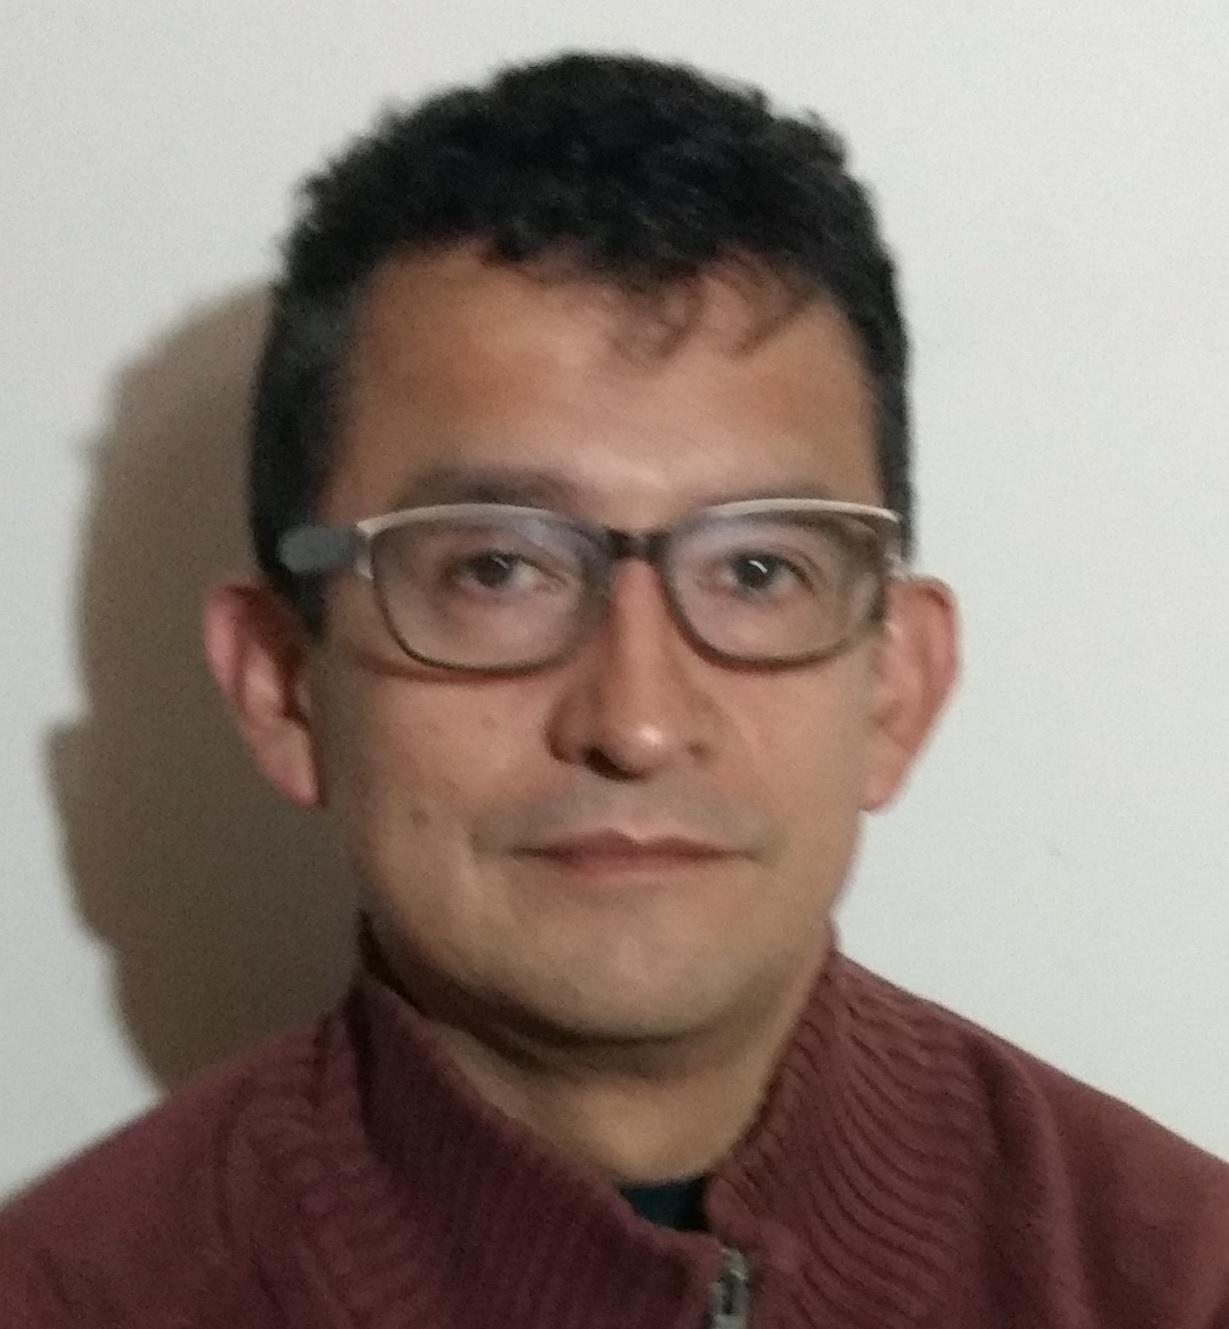 Arturo Clavijo-Alvarez